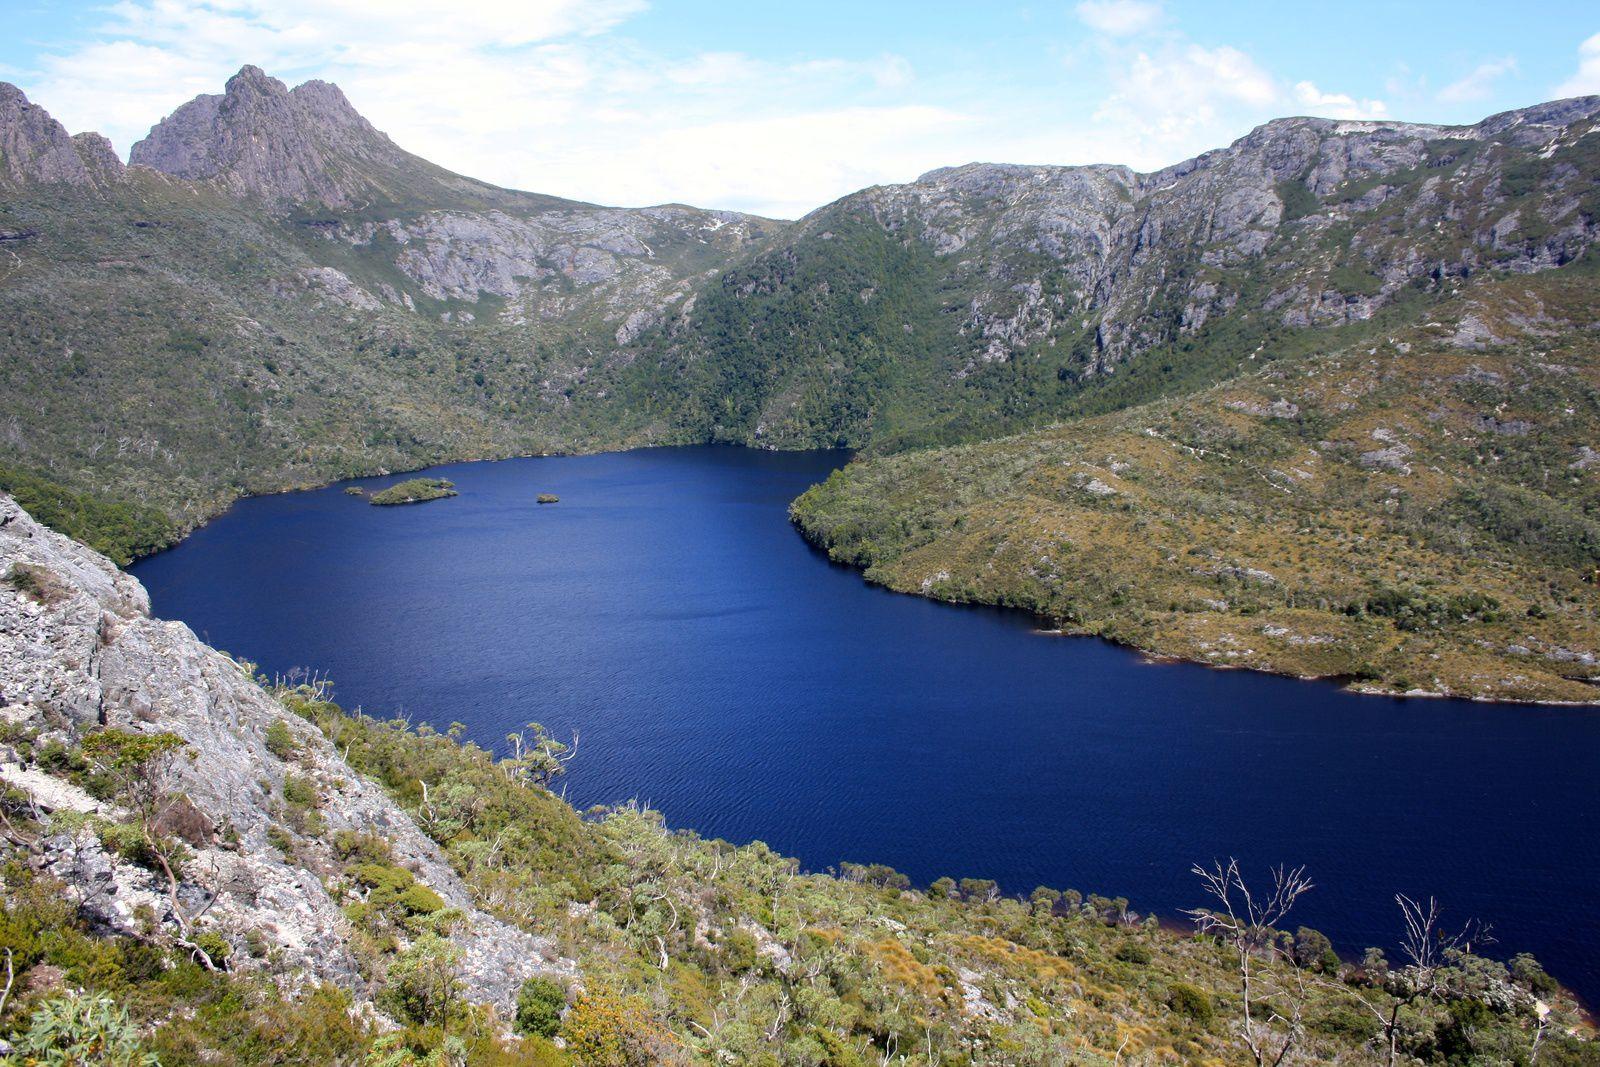 Tasmania, Cradle Mountain